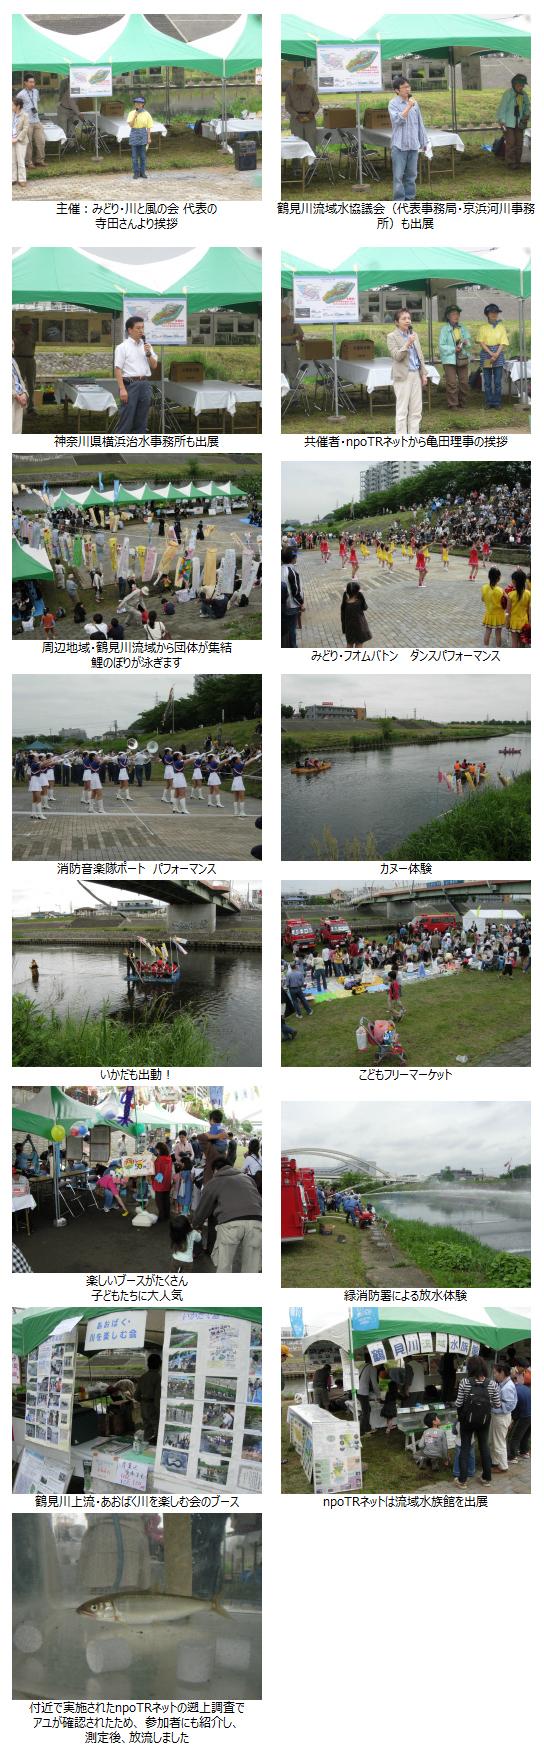 5/5 鶴見川流域2008『こども川と風のまつり』開催